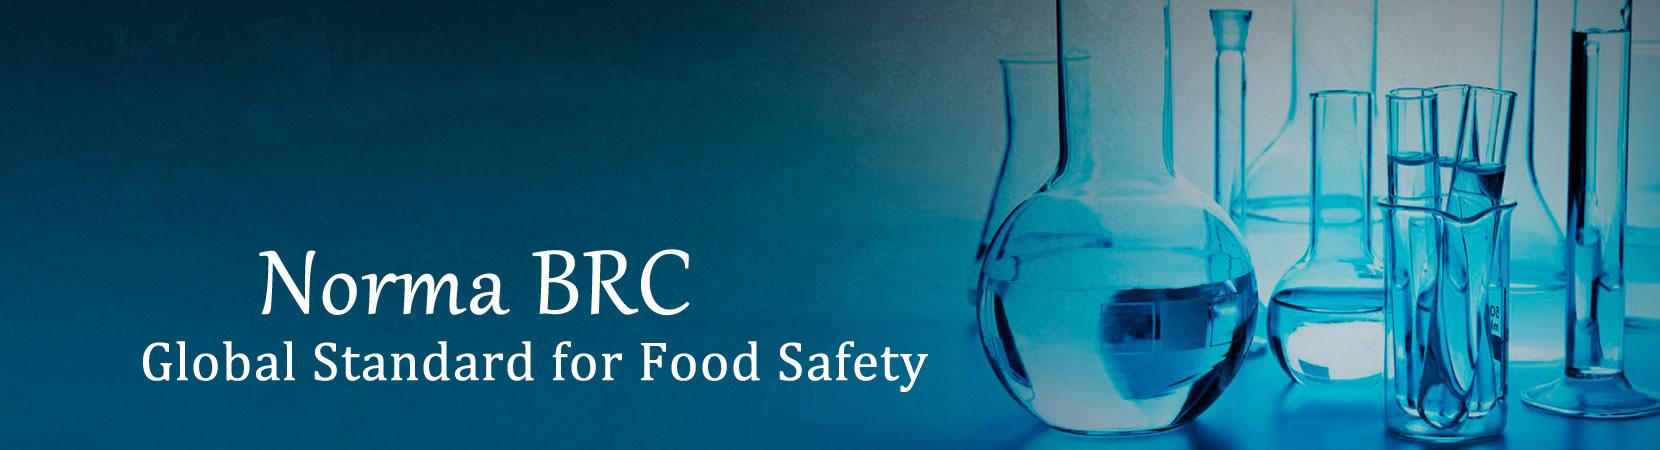 Beneficios de la implantacion de la norma BRC